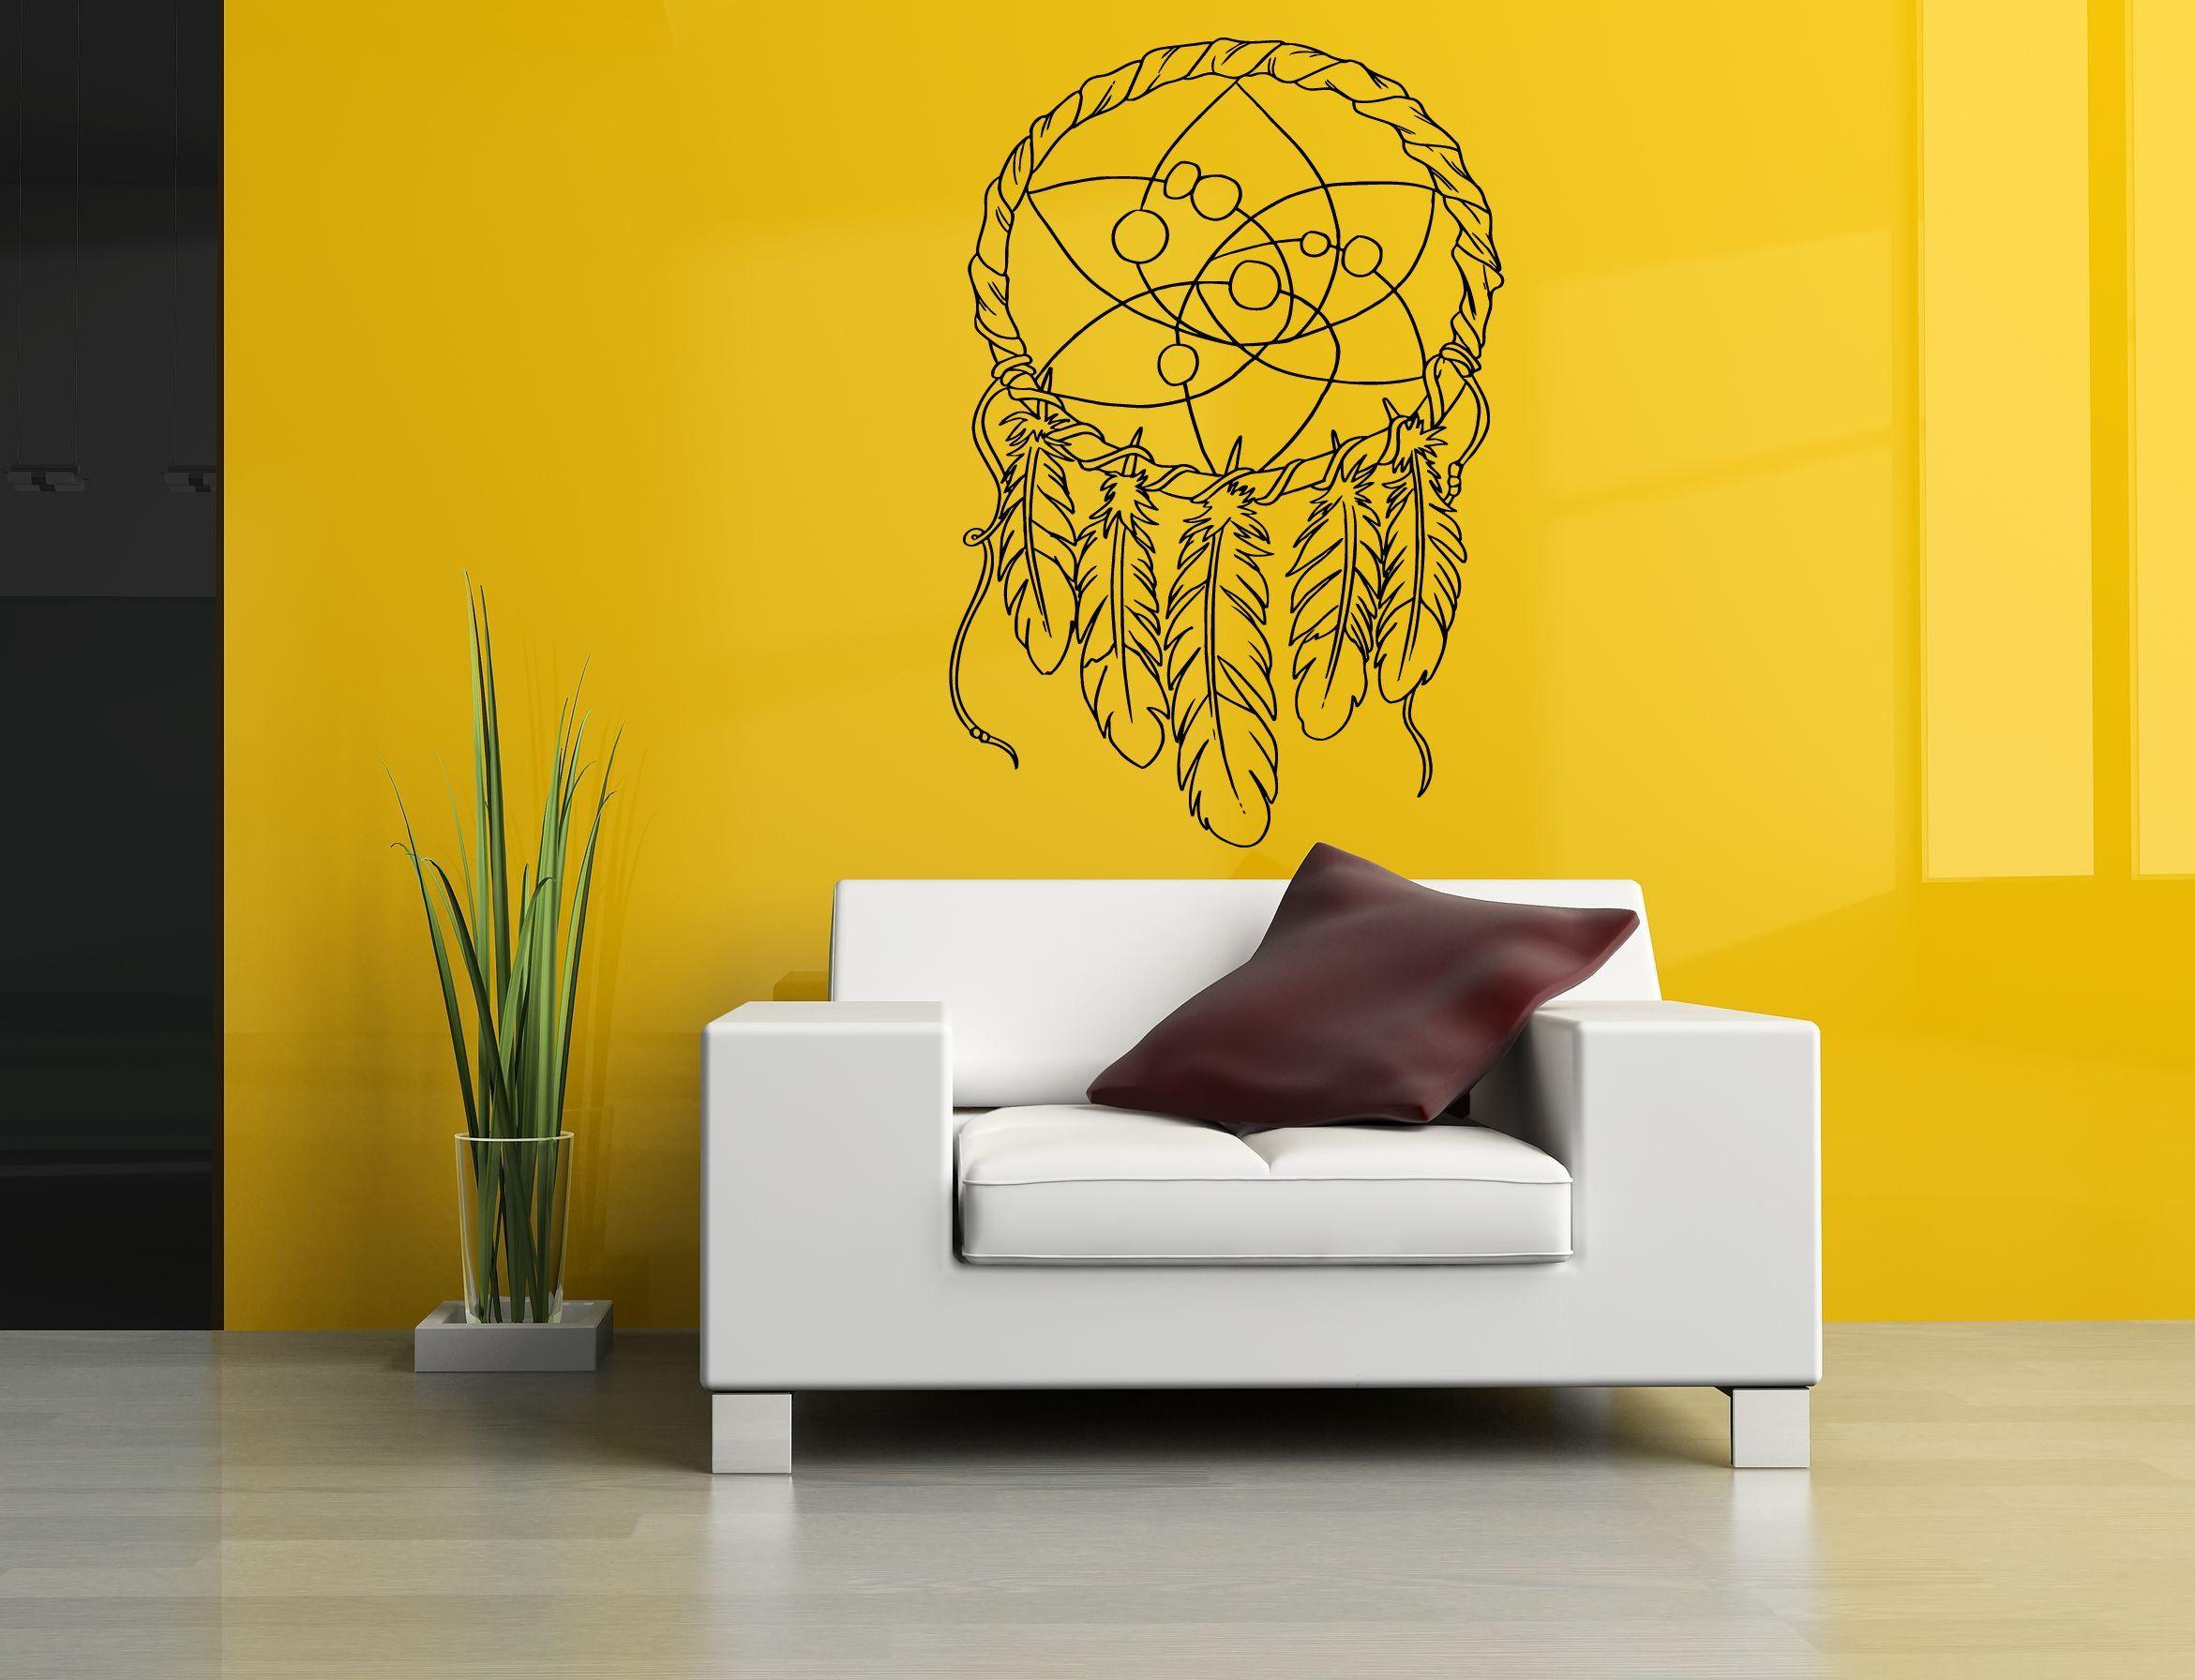 Wall Room Decor Art Vinyl Decal Sticker Mural Dreamcatcher Large Big ...